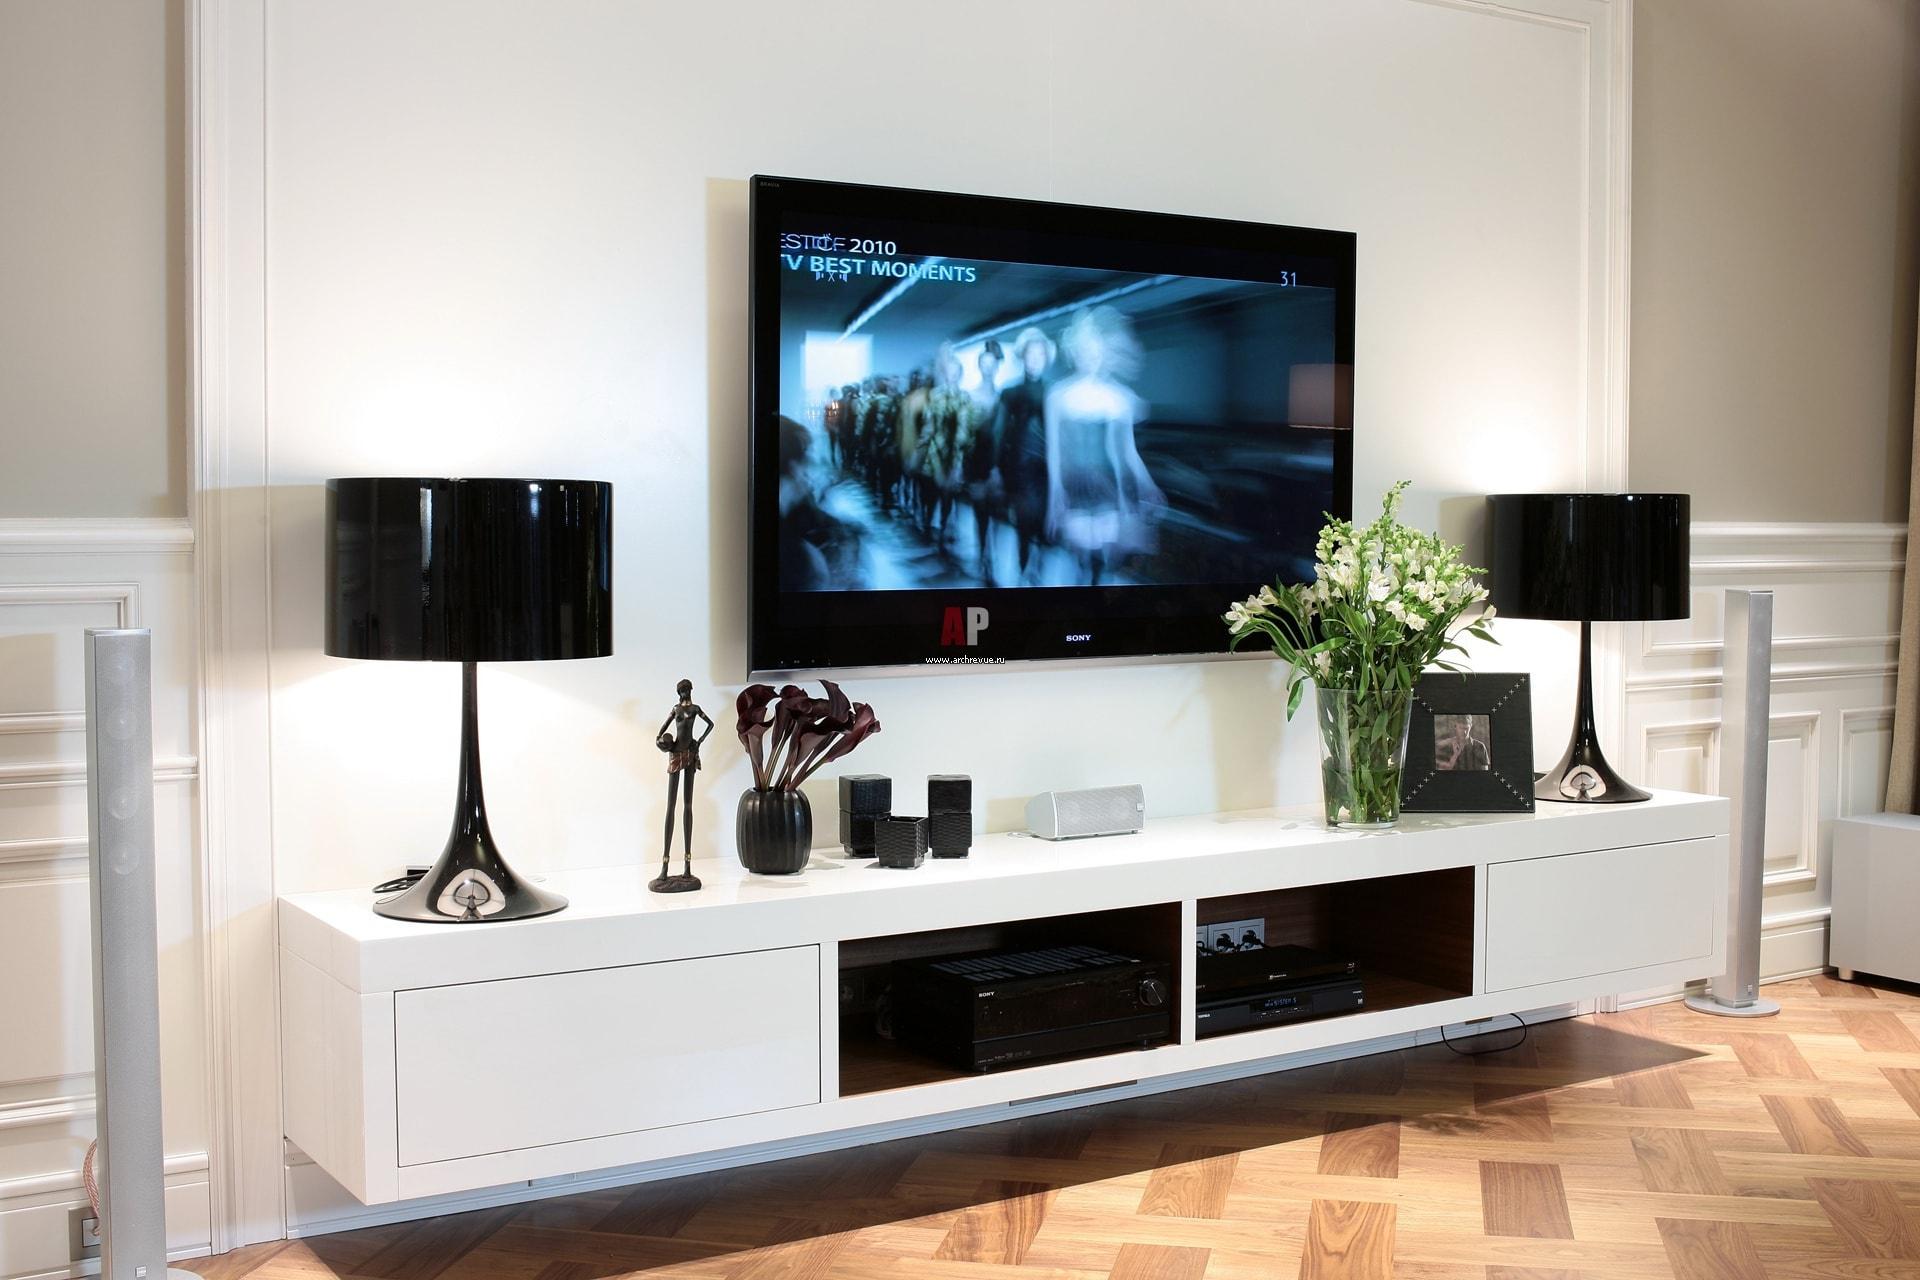 фото комодов где телевизор на стене висит